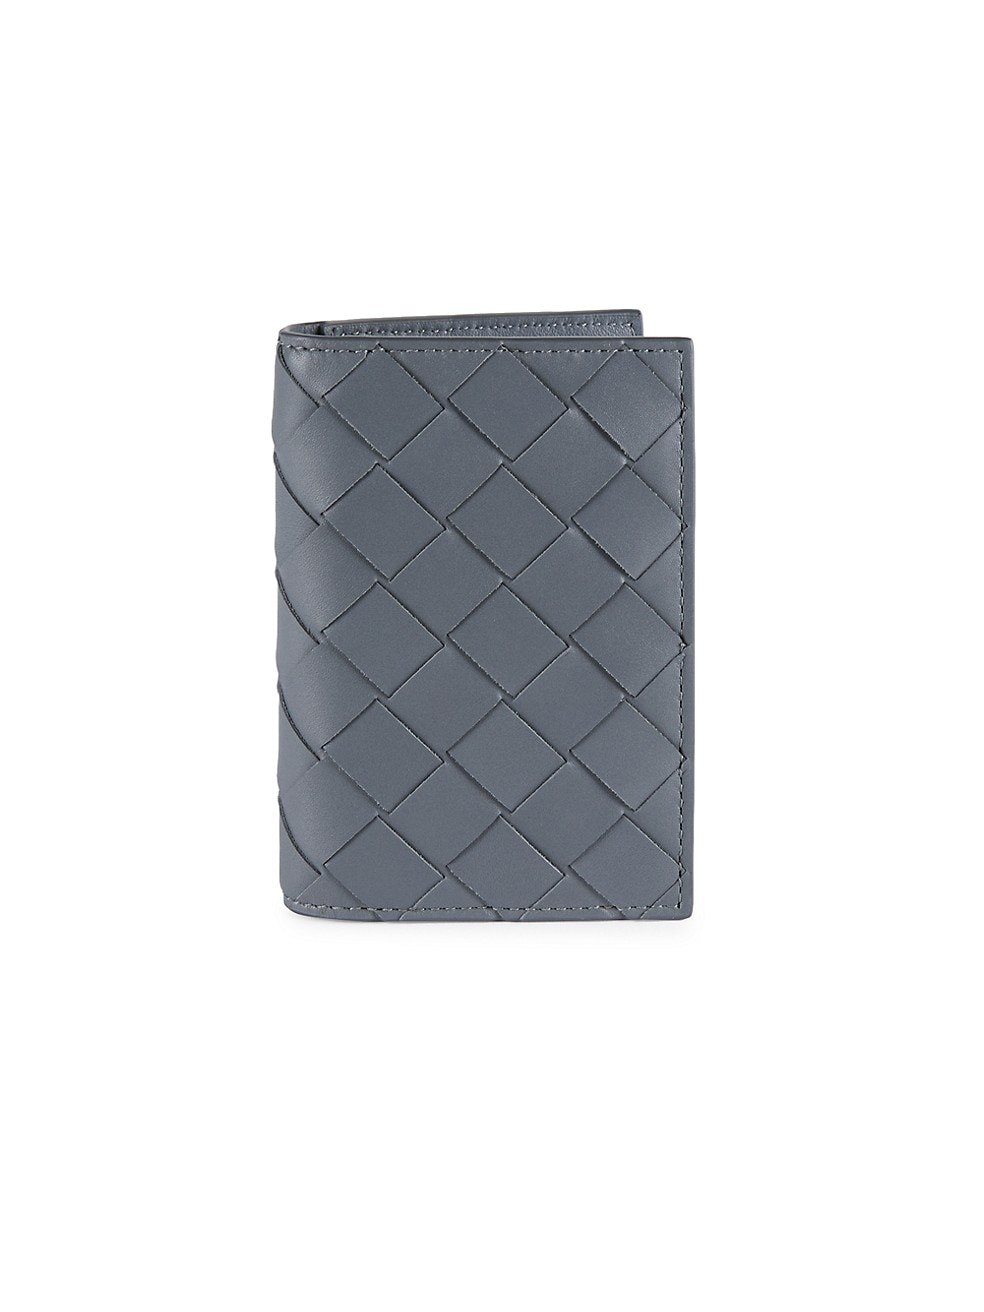 보테가 베네타 Bottega Veneta Intrecciato Leather Card Case,ARGENTO